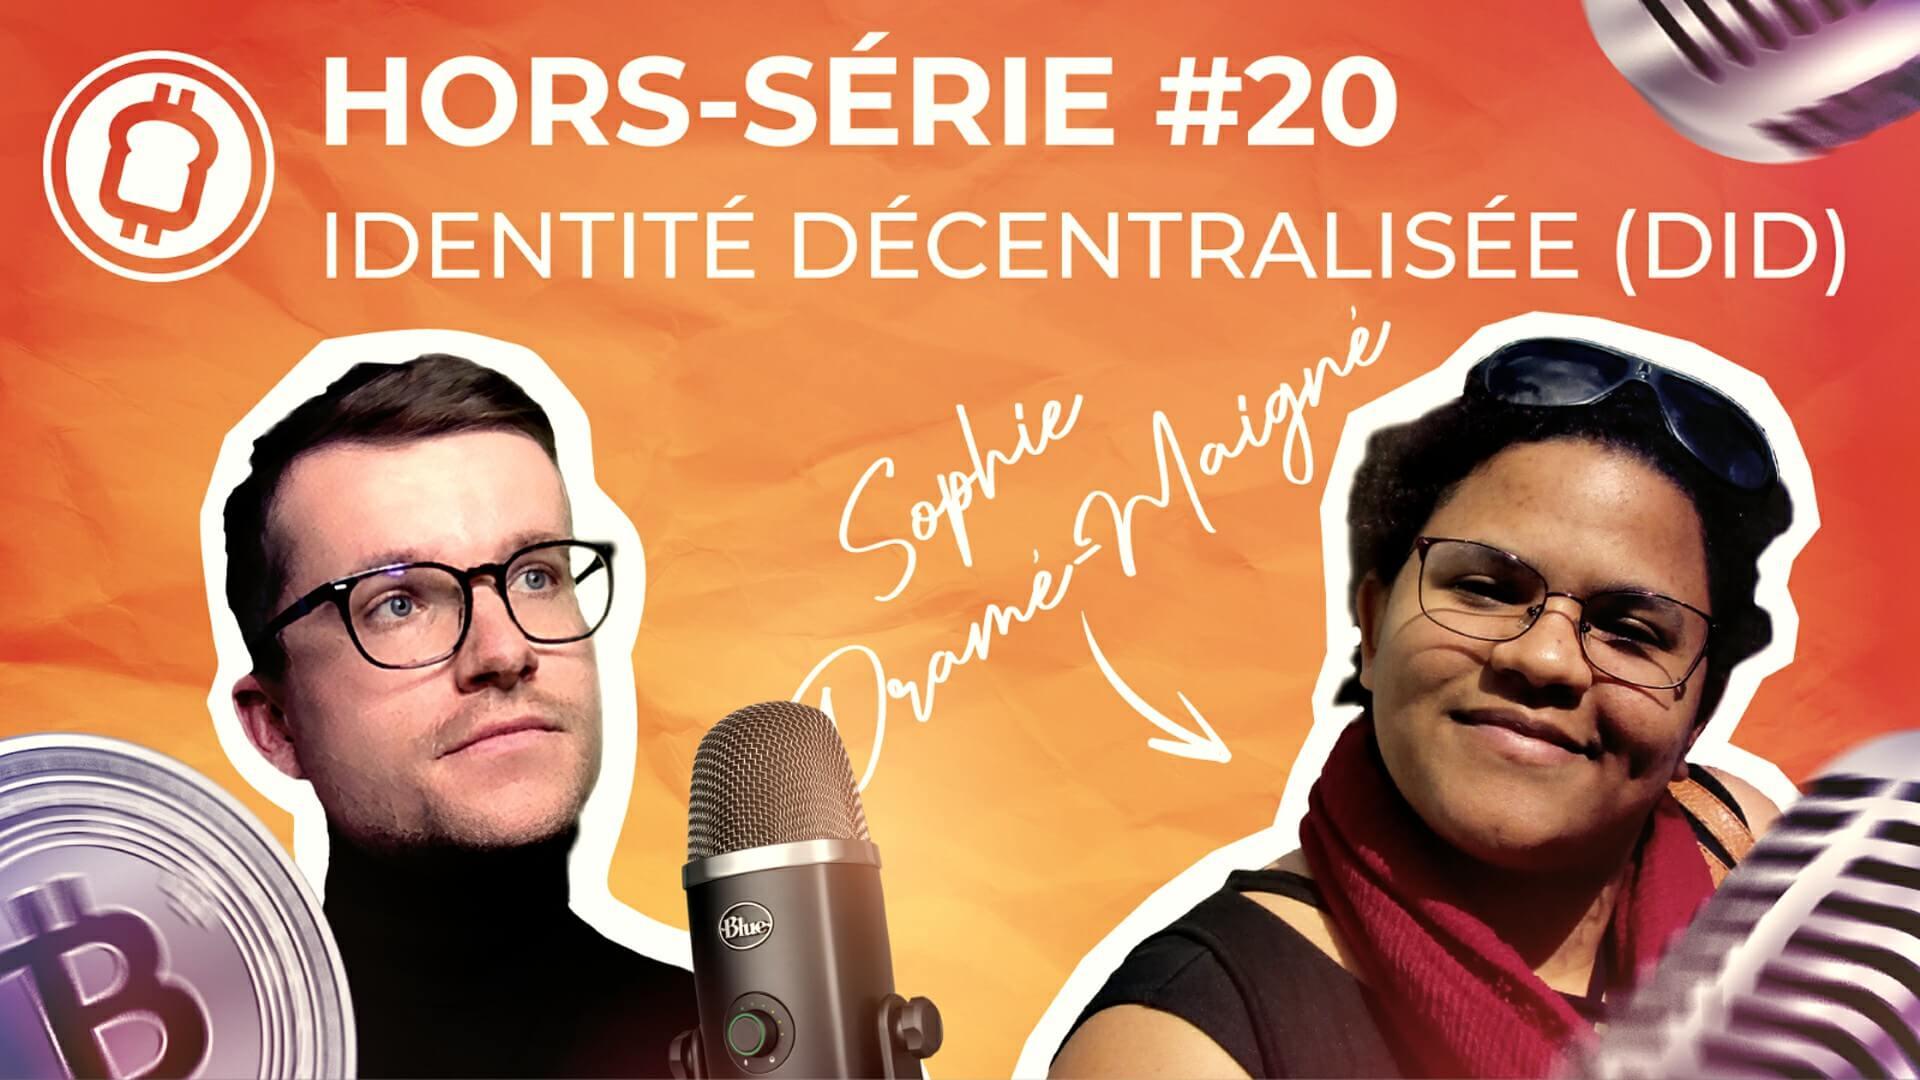 Podcast hors-série #20 - Reprendre le contrôle sur ses données grâce aux identités décentralisées